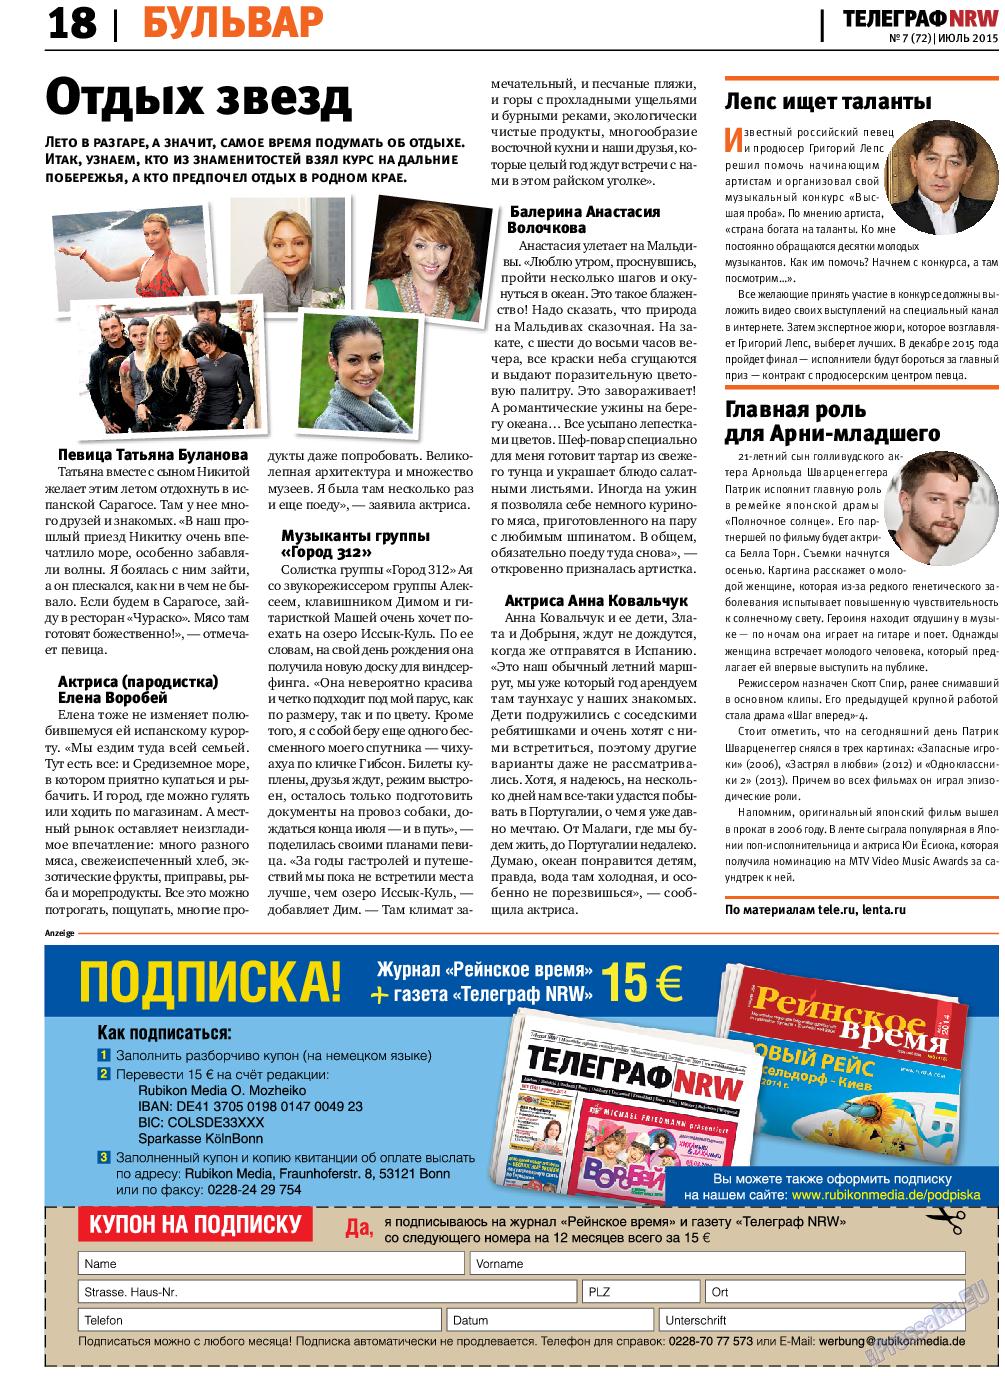 Телеграф NRW (газета). 2015 год, номер 7, стр. 18